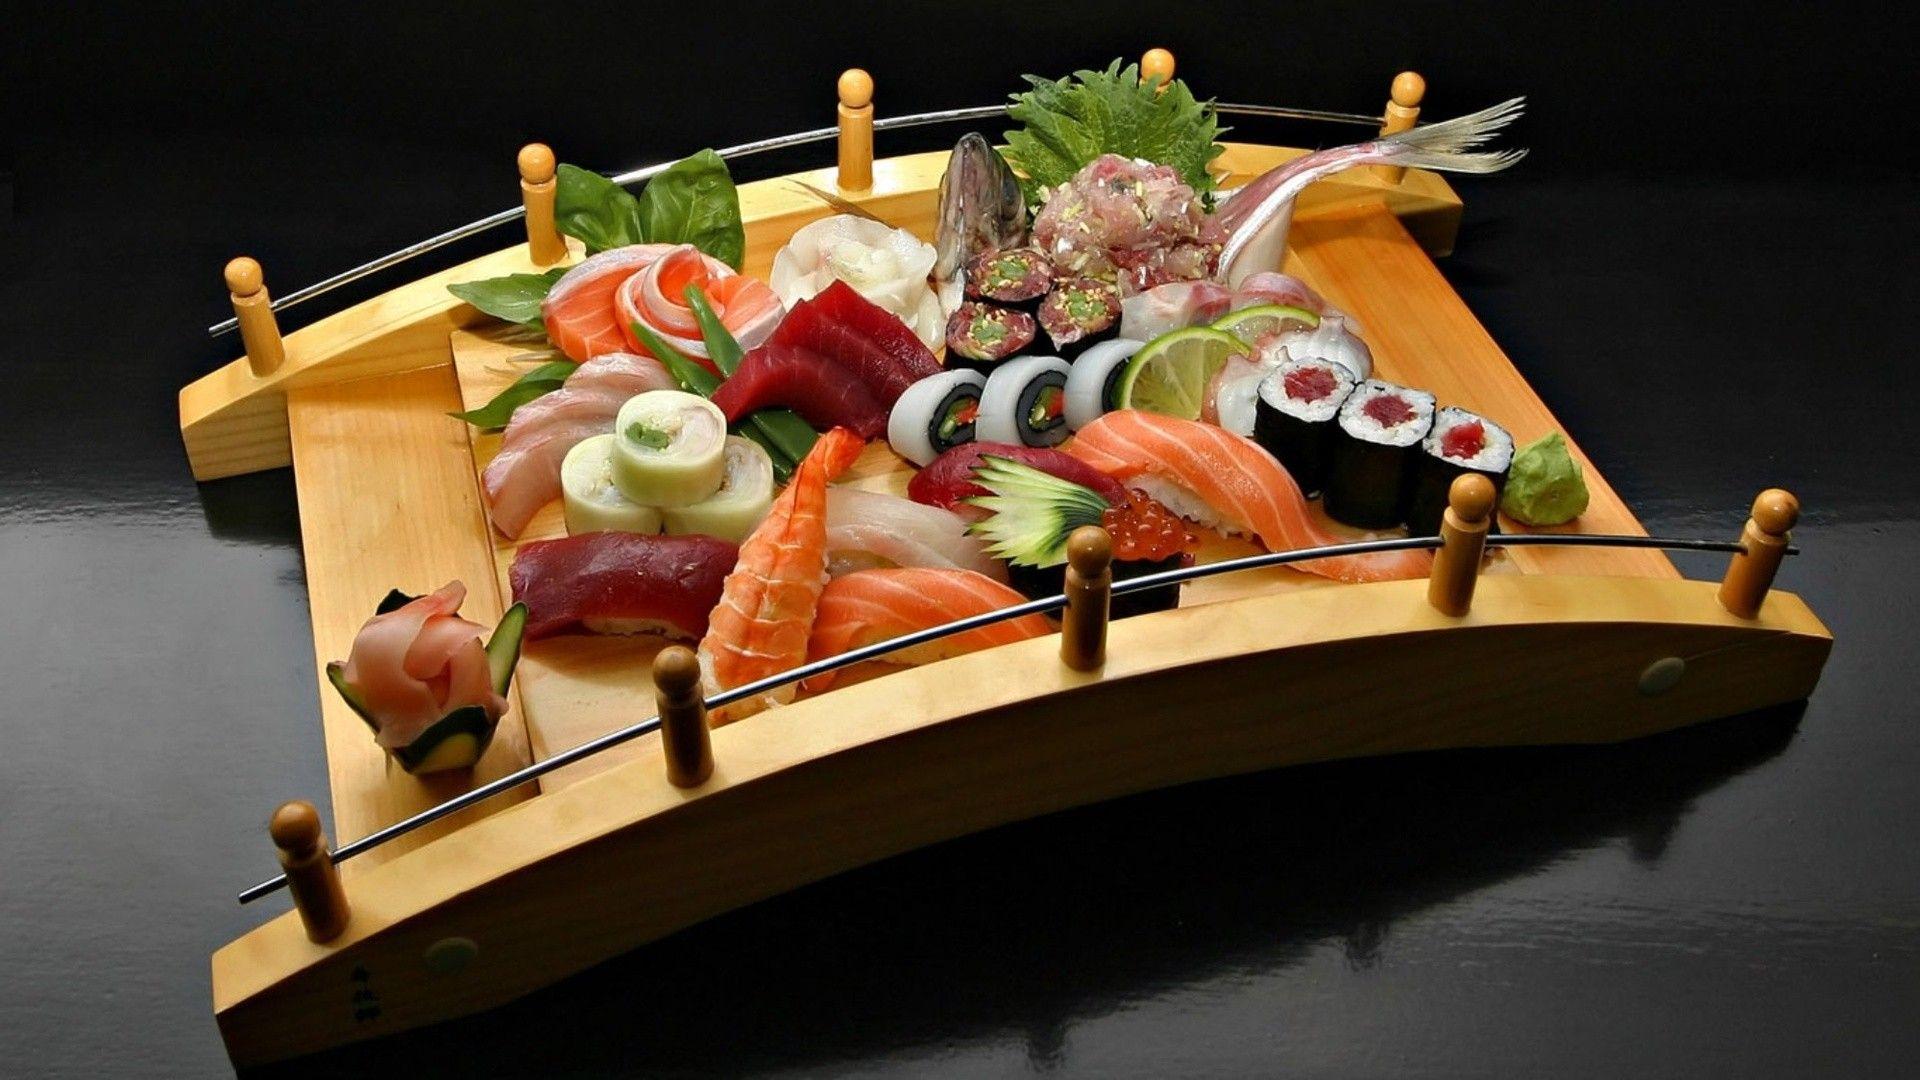 sushi images free